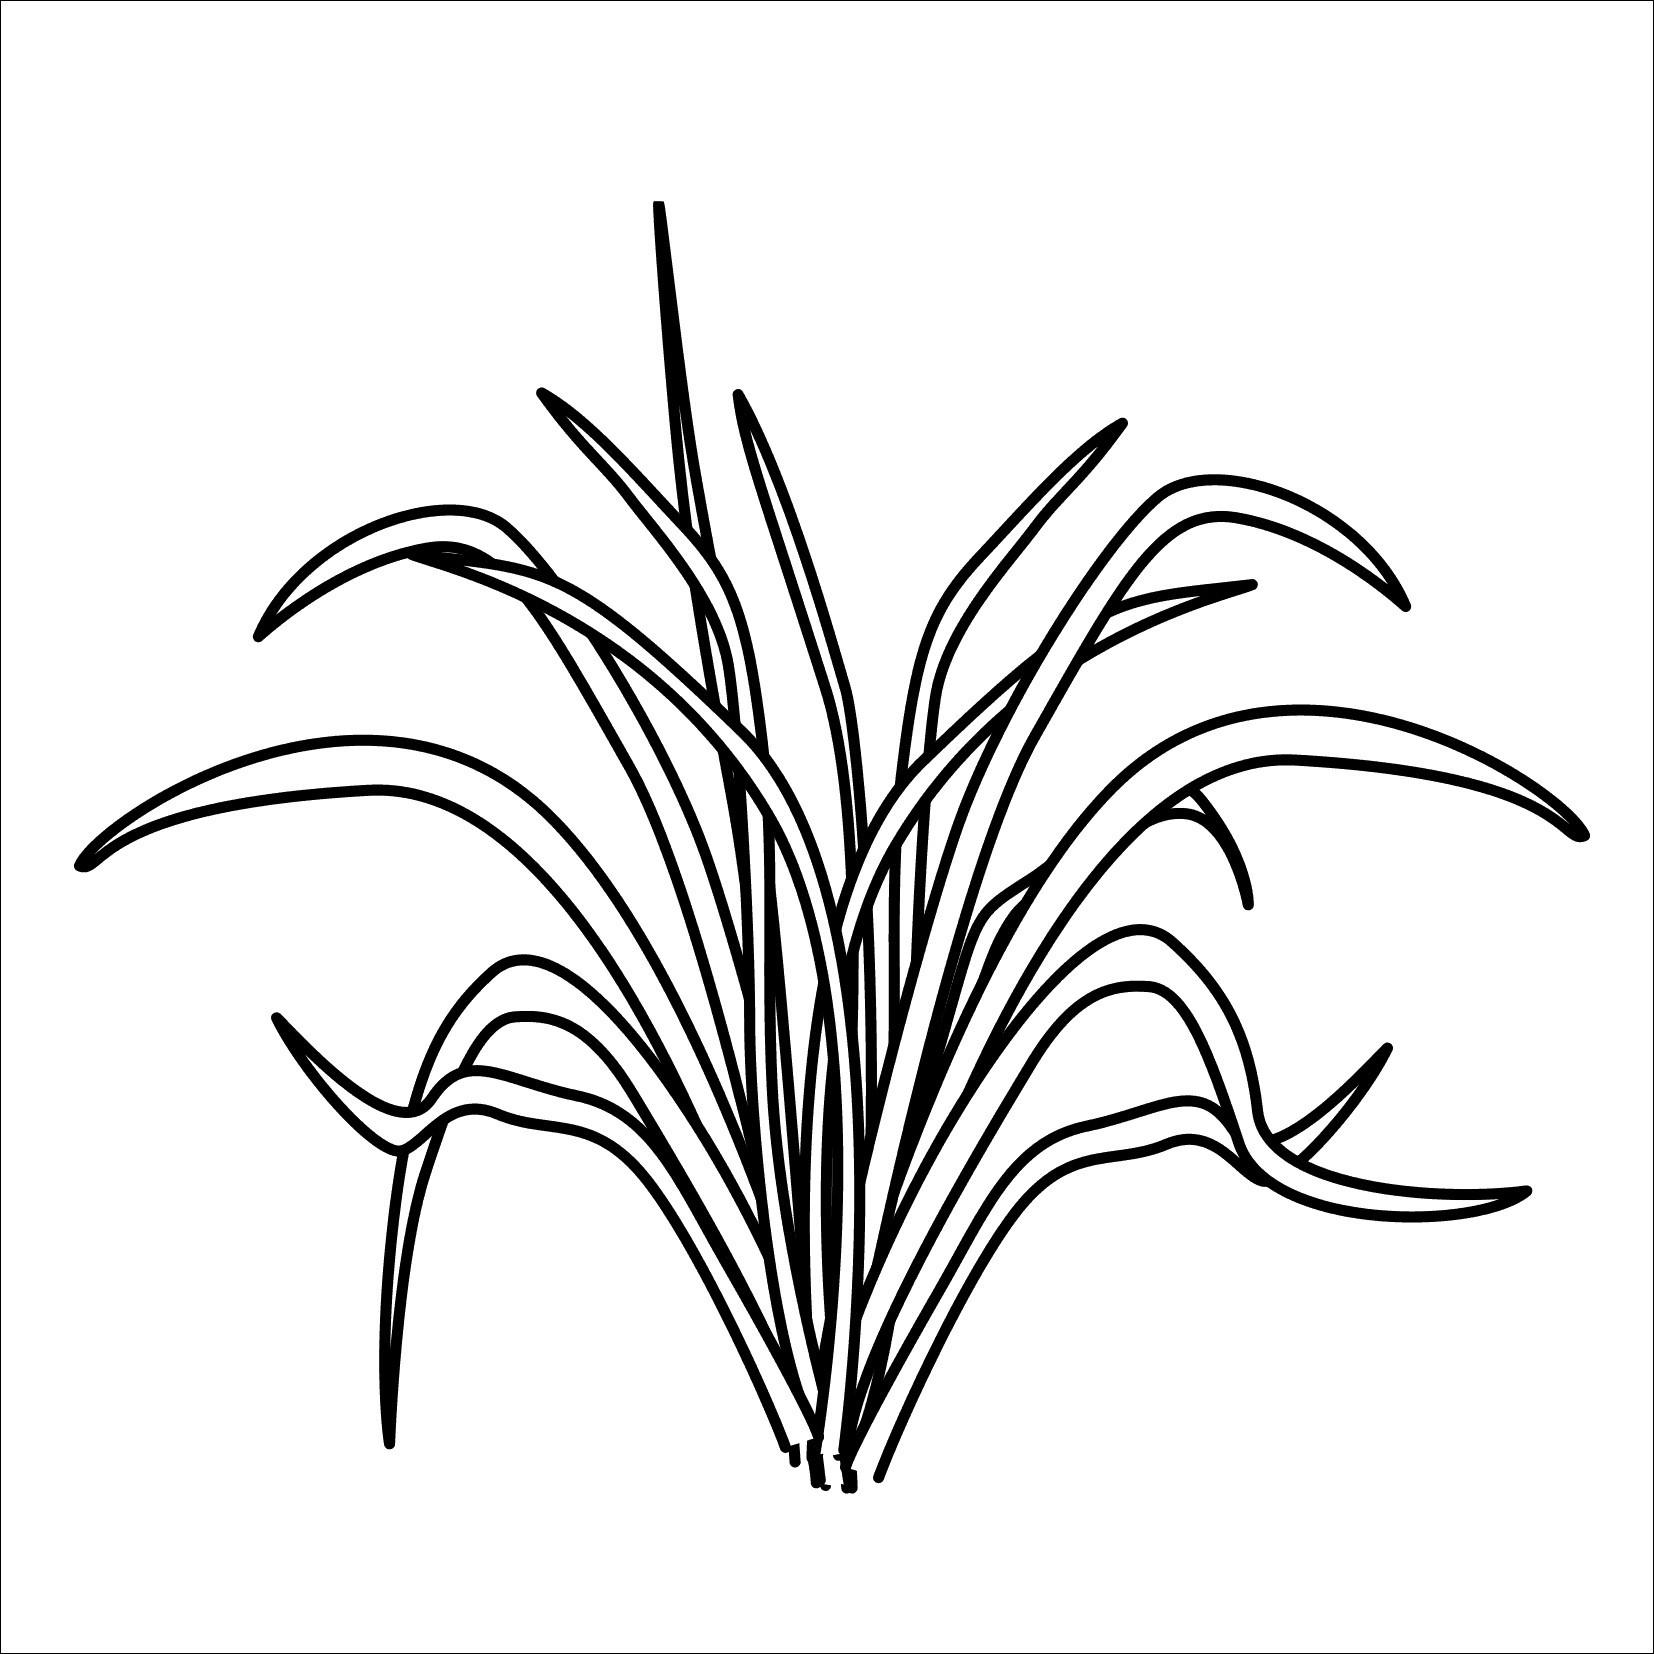 Plants Vs Zombies Ausmalbilder Neu Pflanzen Gegen Zombies Ausmalbilder Foto Printable Coloring Pages Bild